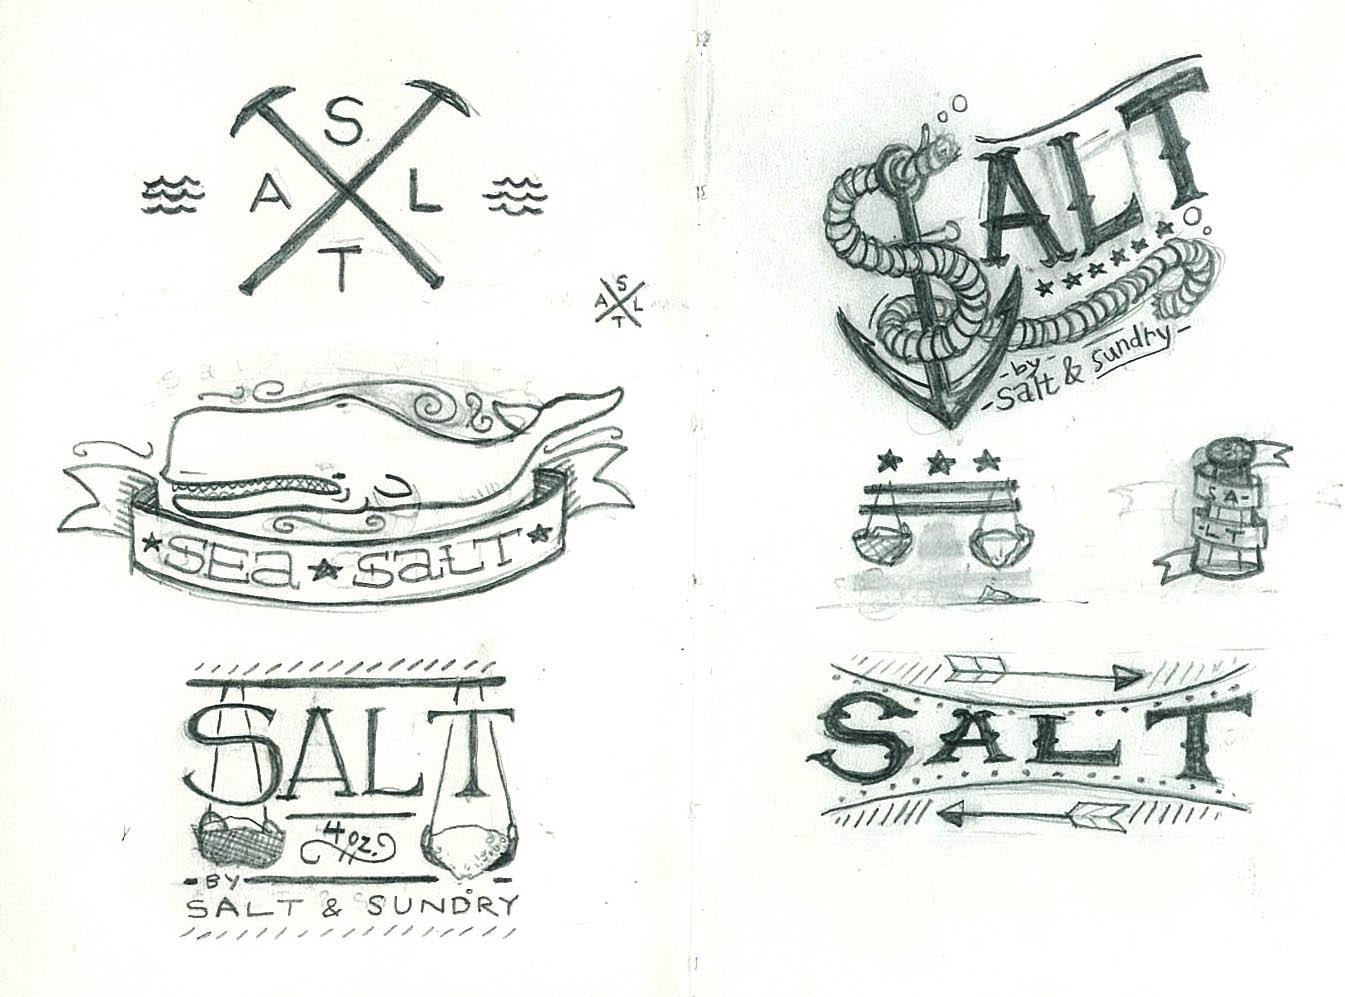 Salt Label - image 8 - student project